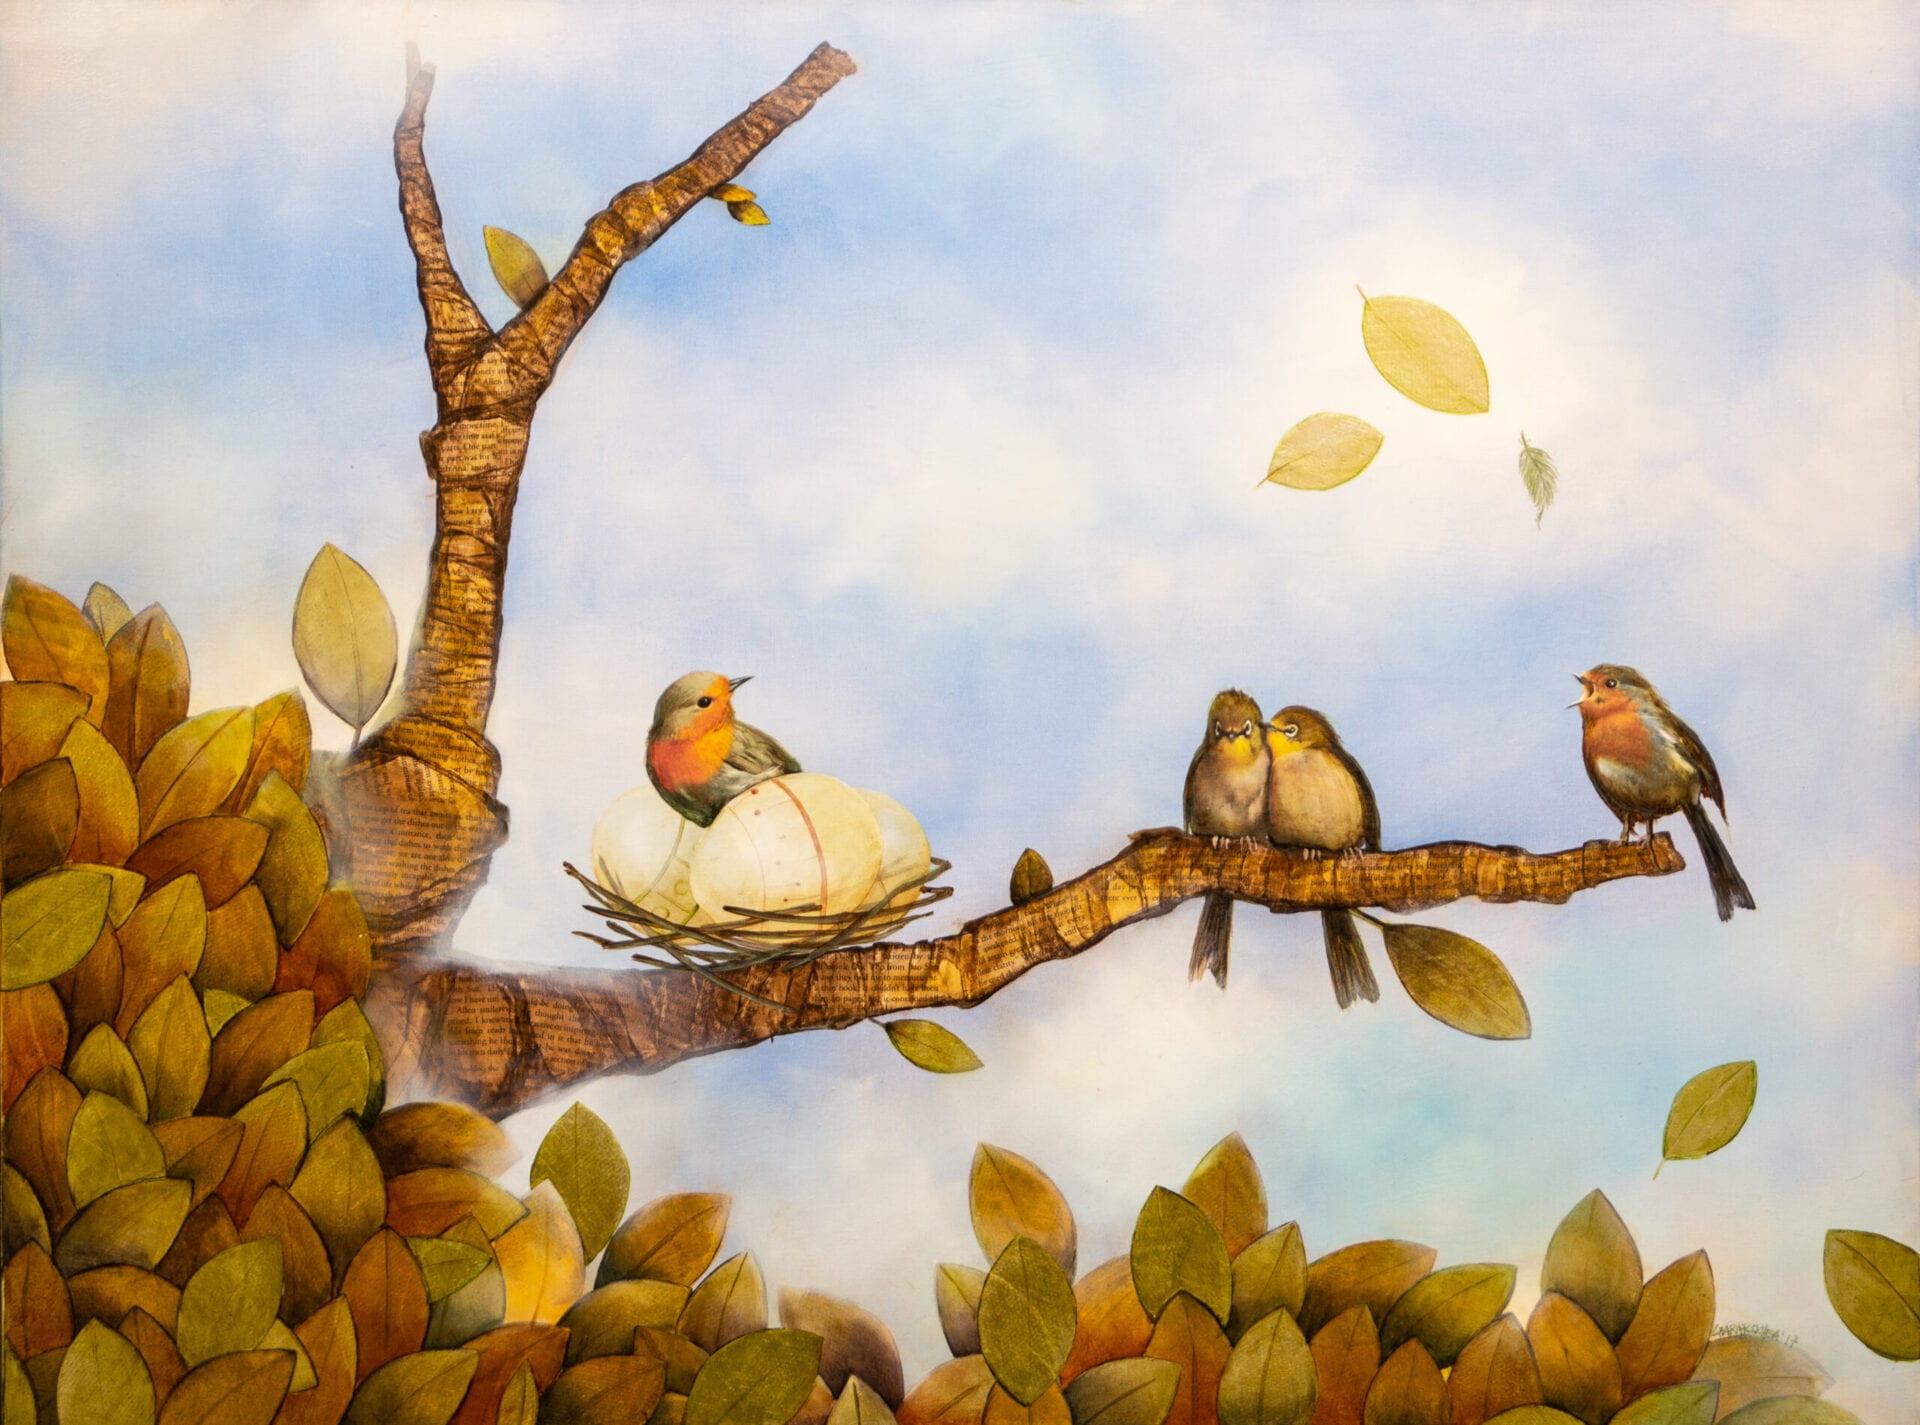 Guido Garaycochea - Bird Fullness